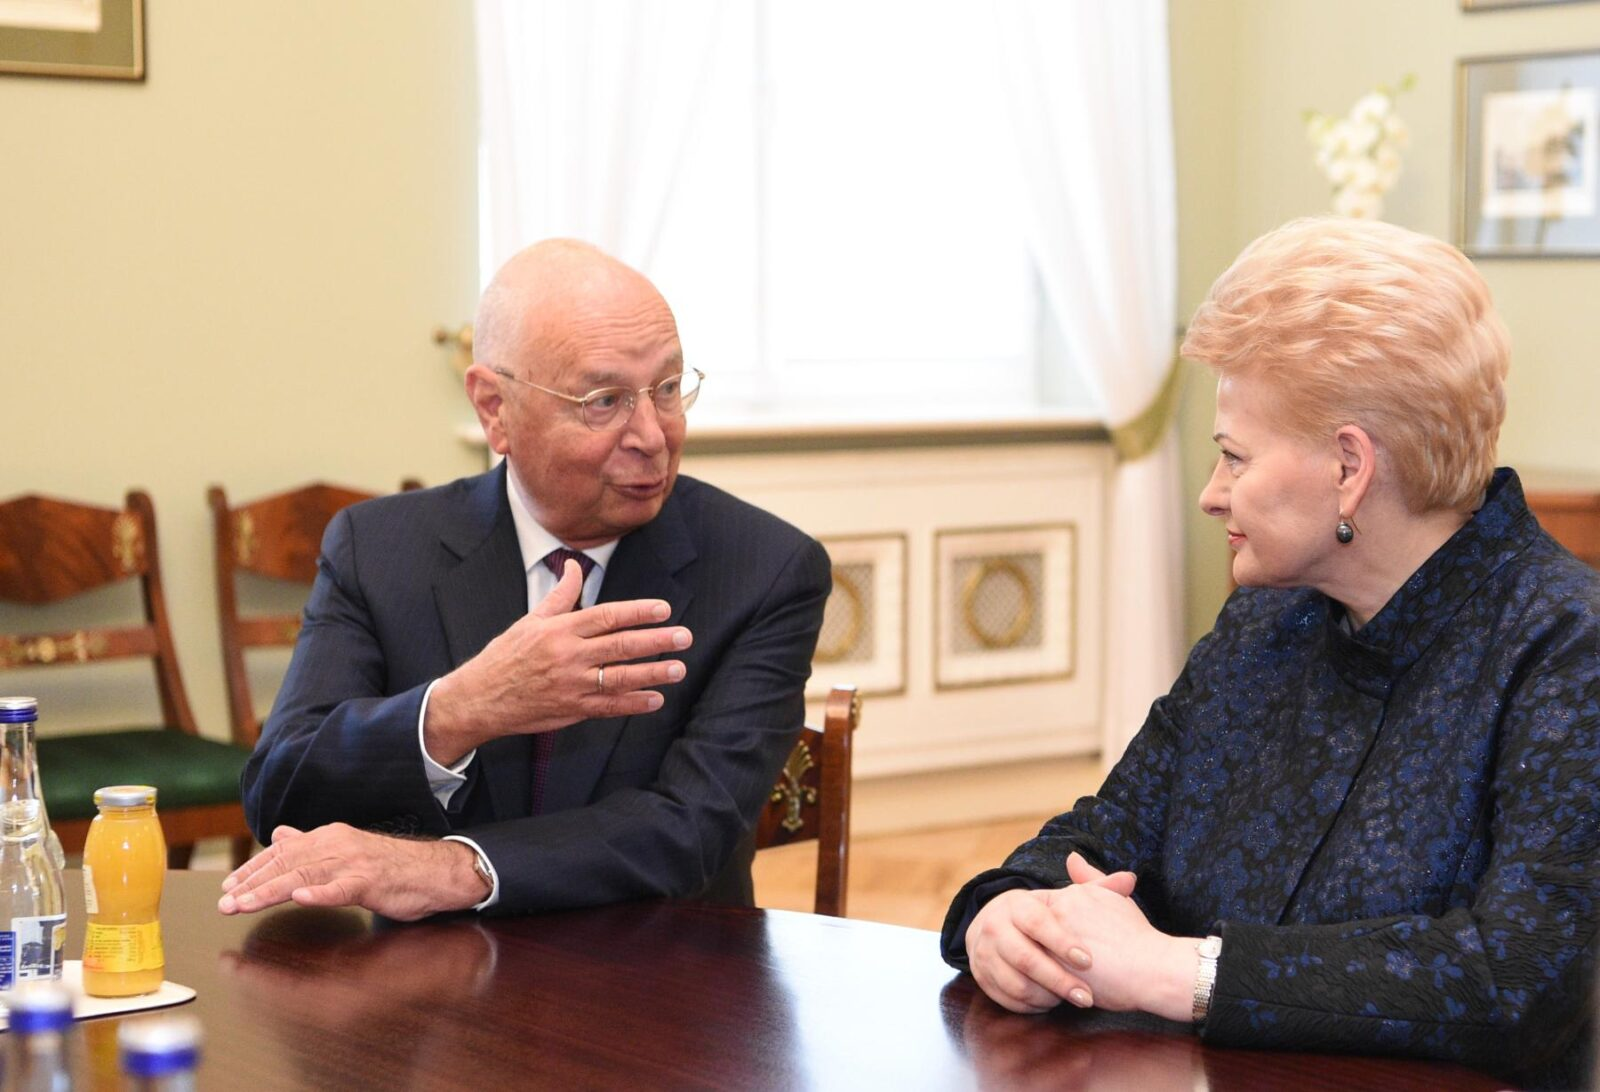 D.Grybauskaitė nusipirko bilietą į Davosą už minimum 71 tūkst. dolerių biudžeto lėšų